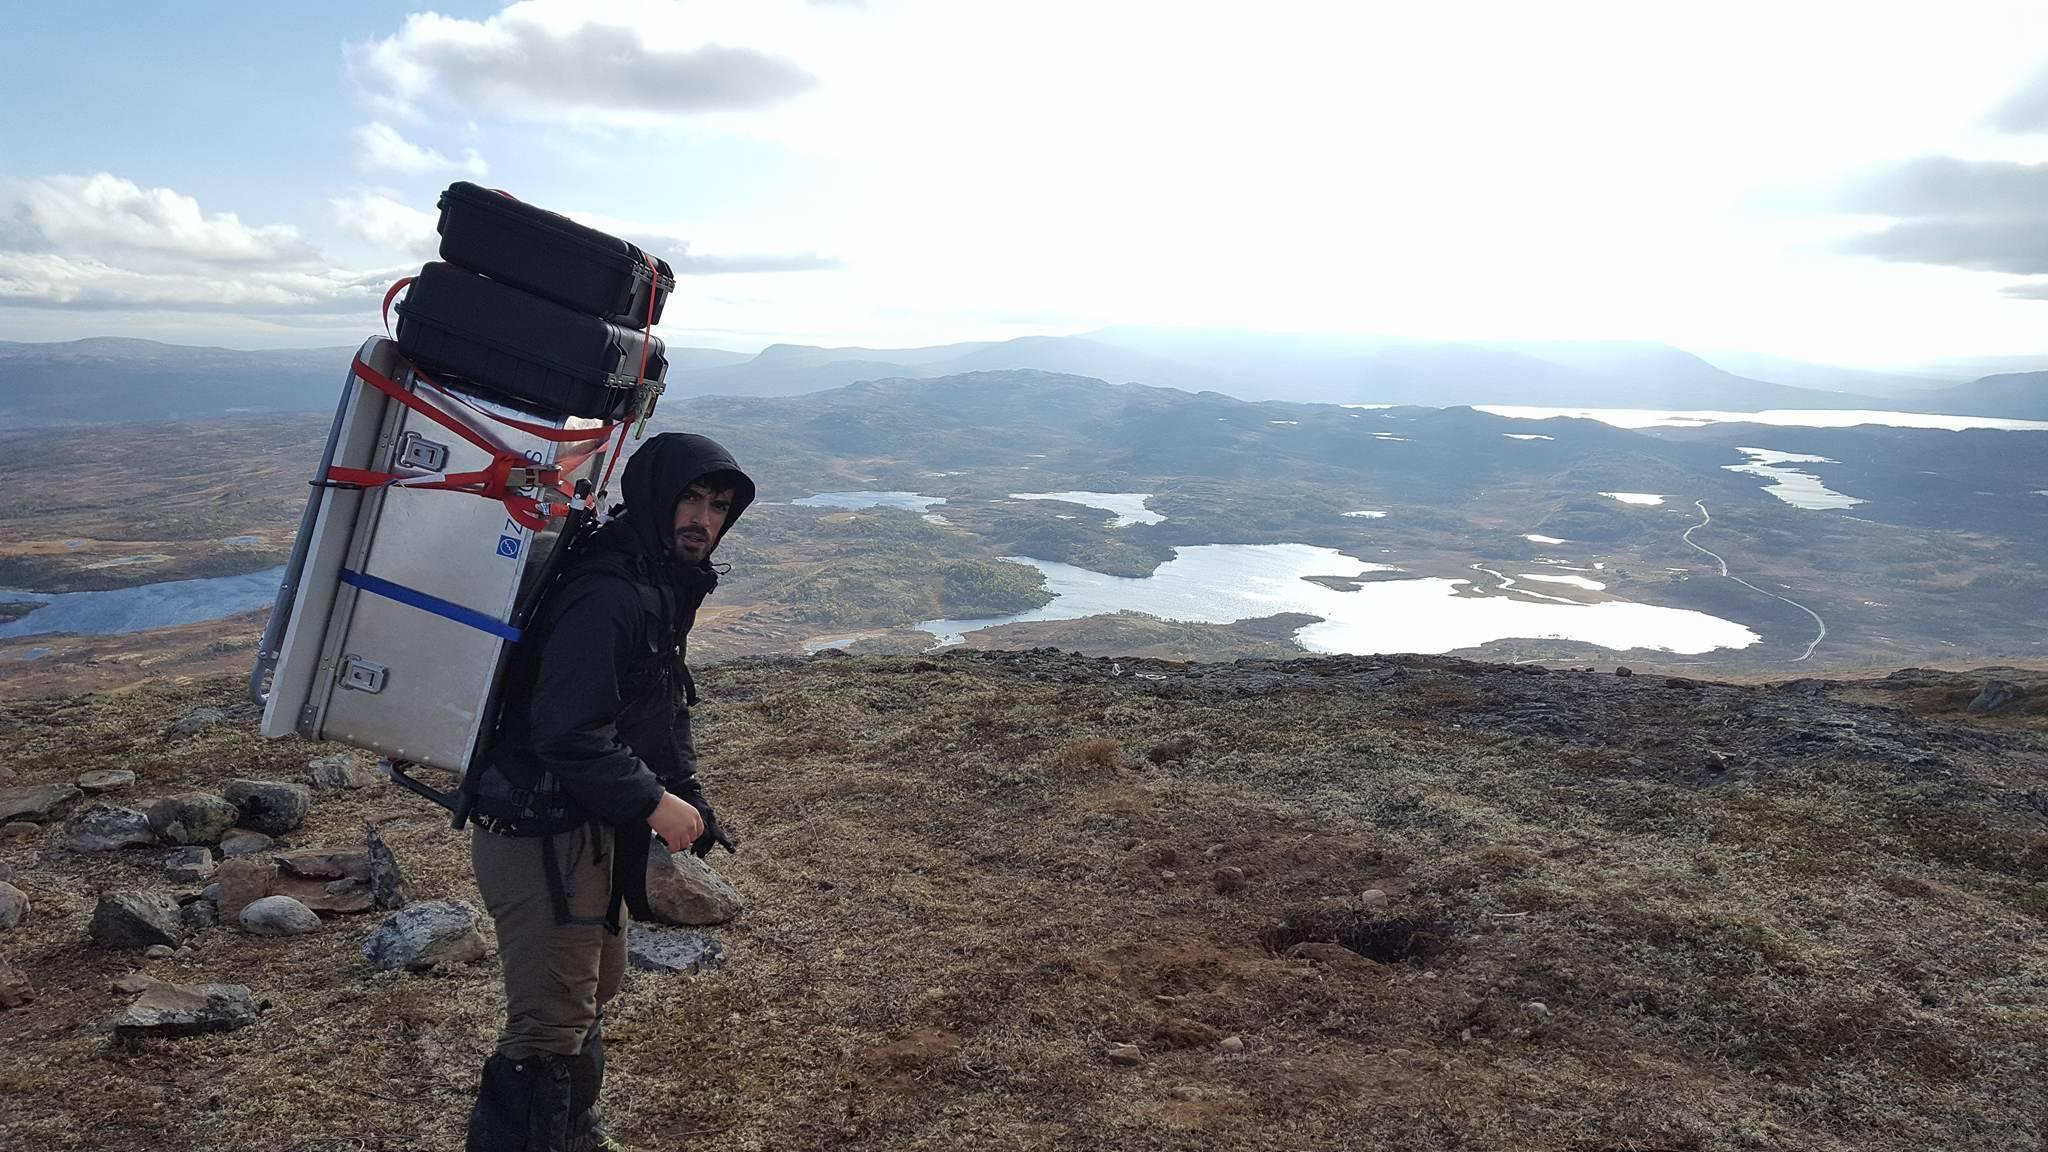 Blick vom Berg Finsåhøgda hinab auf das Hessdalen-Tal: Der Student Kamyar Darbandi ist mit Bjørn Gitle Hauge, dem Mann hinter der Kamera, auf Forschungsexpedition.